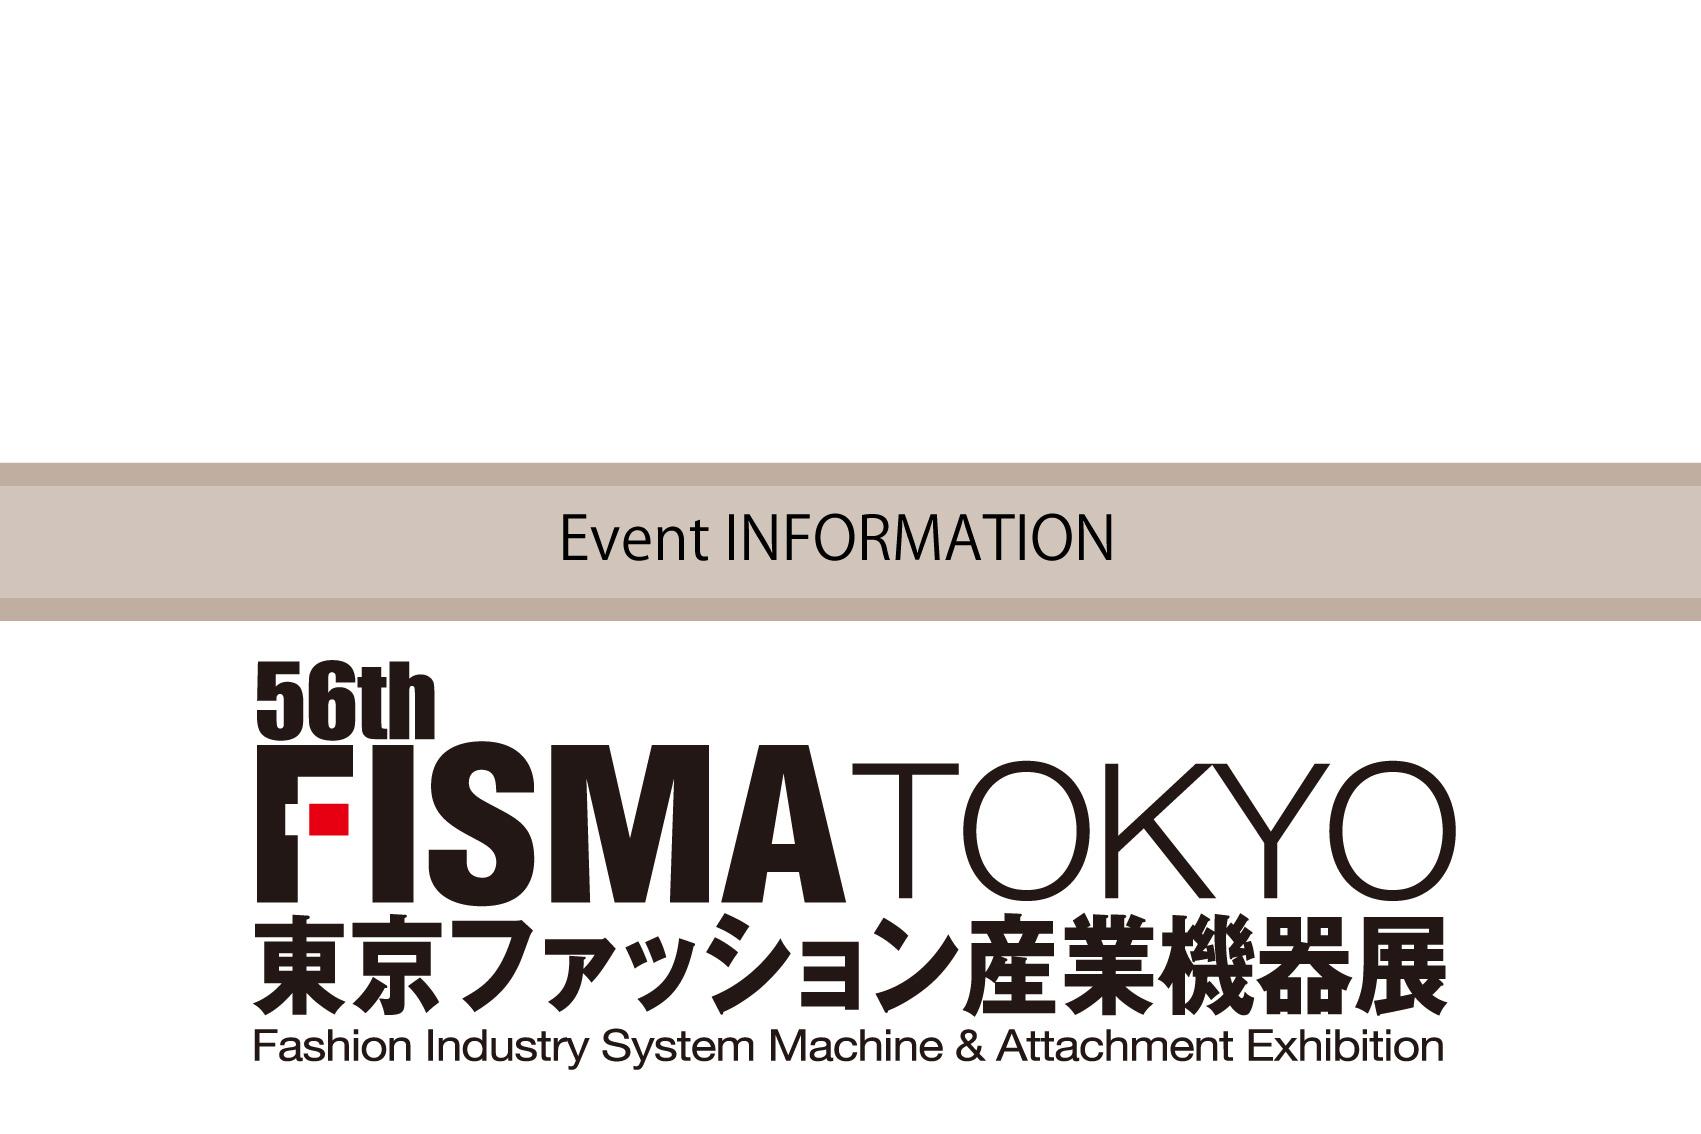 オルガン針株式会社が運営するミシンユーザーのための情報発信型通販サイトArt Stitch Room Powered by ORGAN NEEDLE CO.,LTD.(アートスティッチルーム)|【イベント】FISMA TOKYOに出展します!